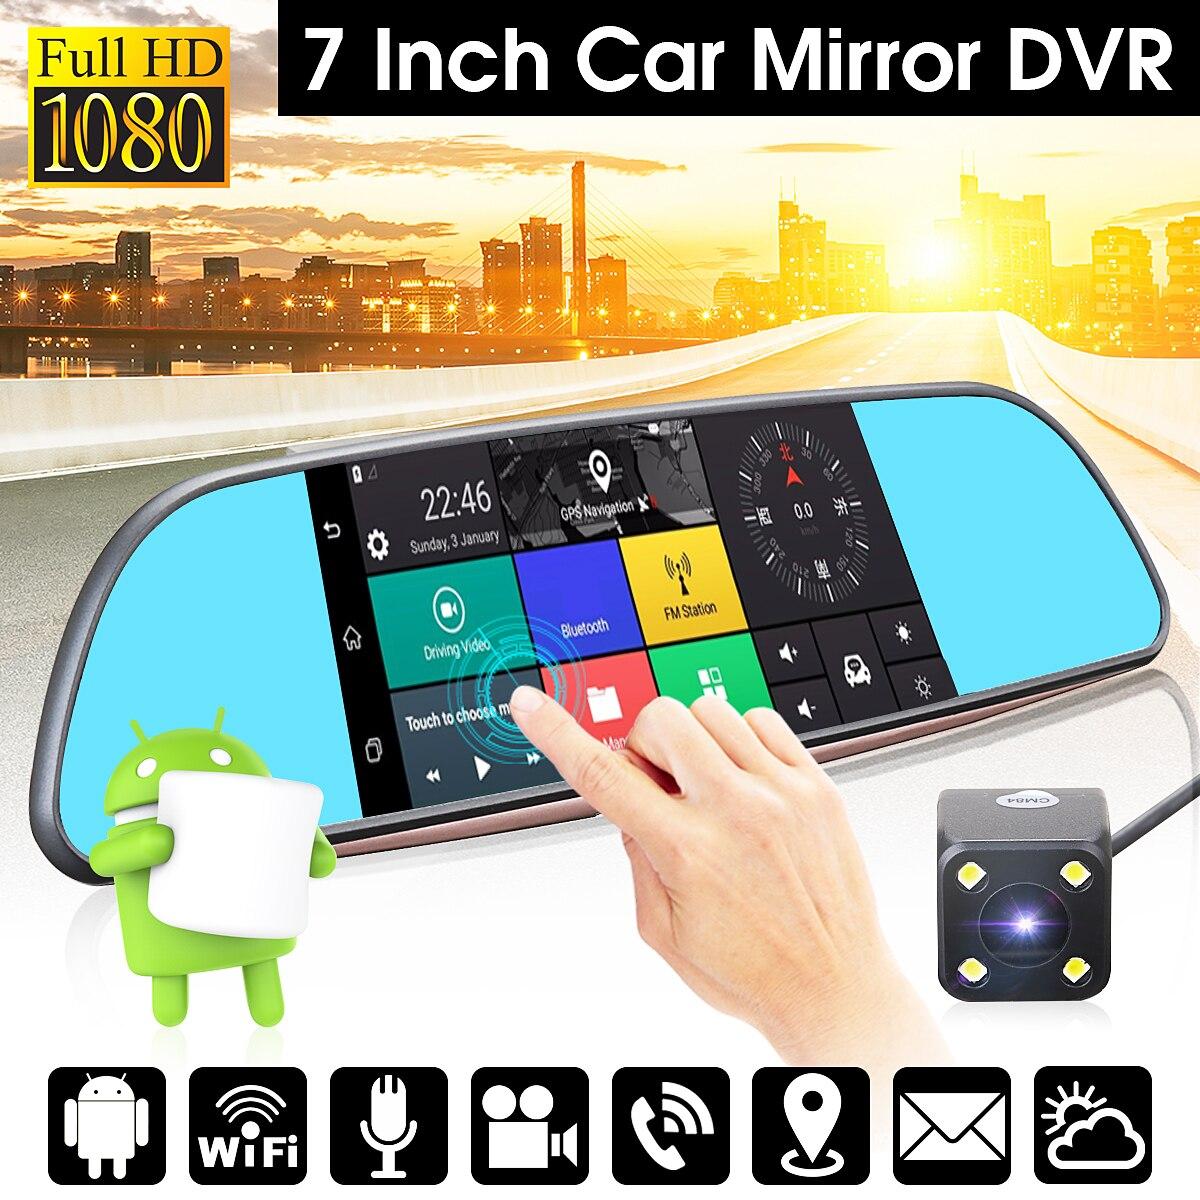 3G 7 Car DVR Mirror Camera Android 5.0 wifi GPS Full HD 1080P Video Recorder Dual Lens Registrar Rear view dvrs Dash cam wifi dual lens 5 hd 1080p car dvr video recorder g sensor rearview mirror dash camera auto registrar rear view dvrs dash cam